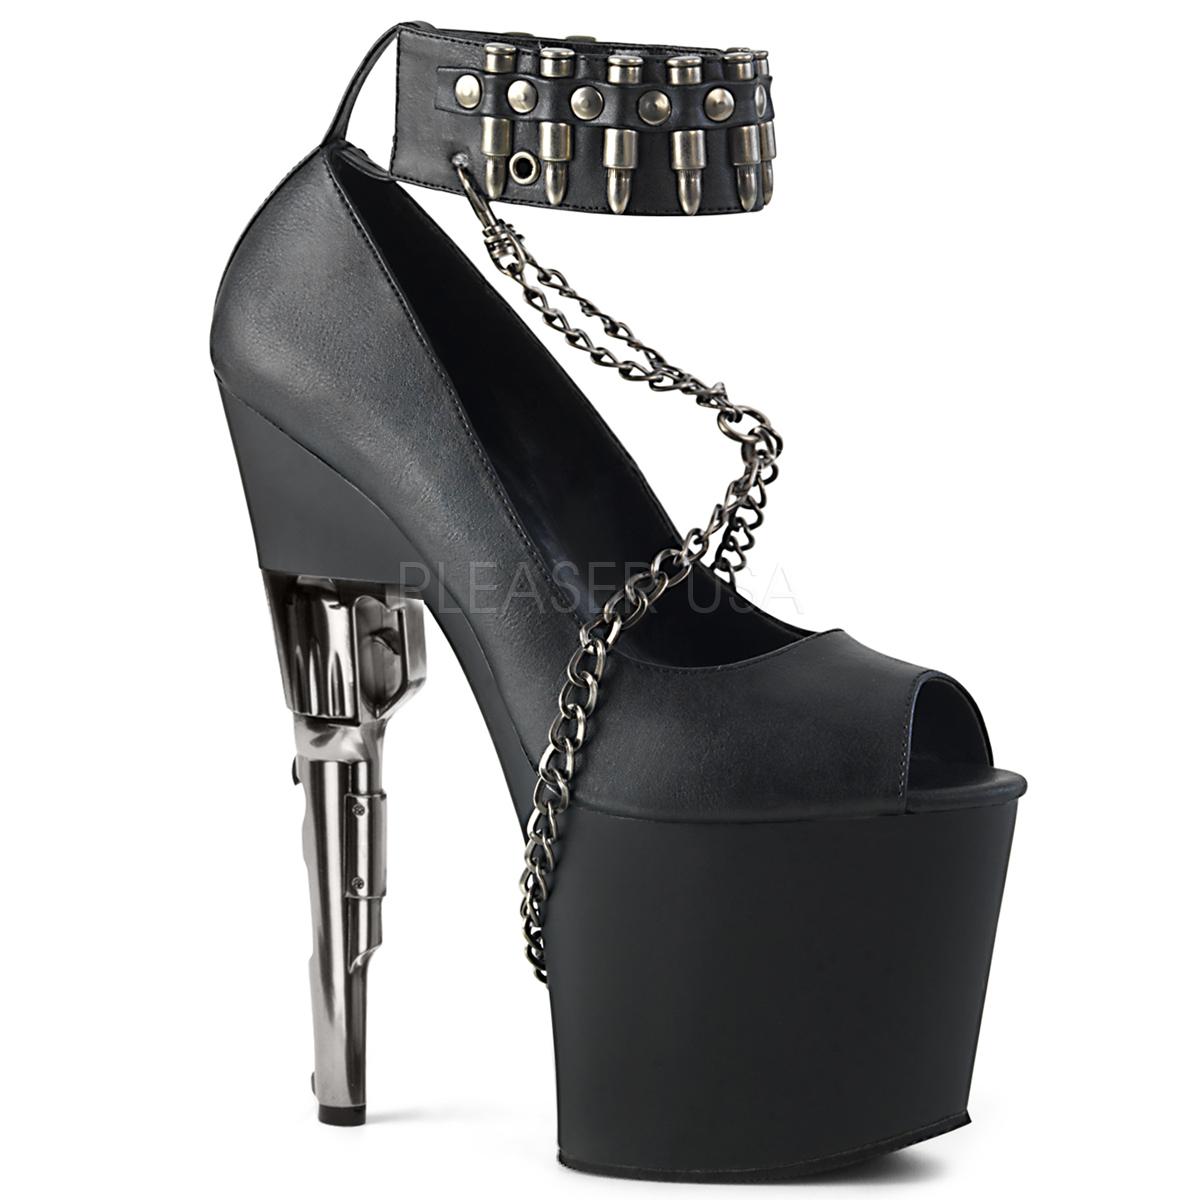 kunstlær 19 cm BONDGIRL 783 platform høyhælte sko